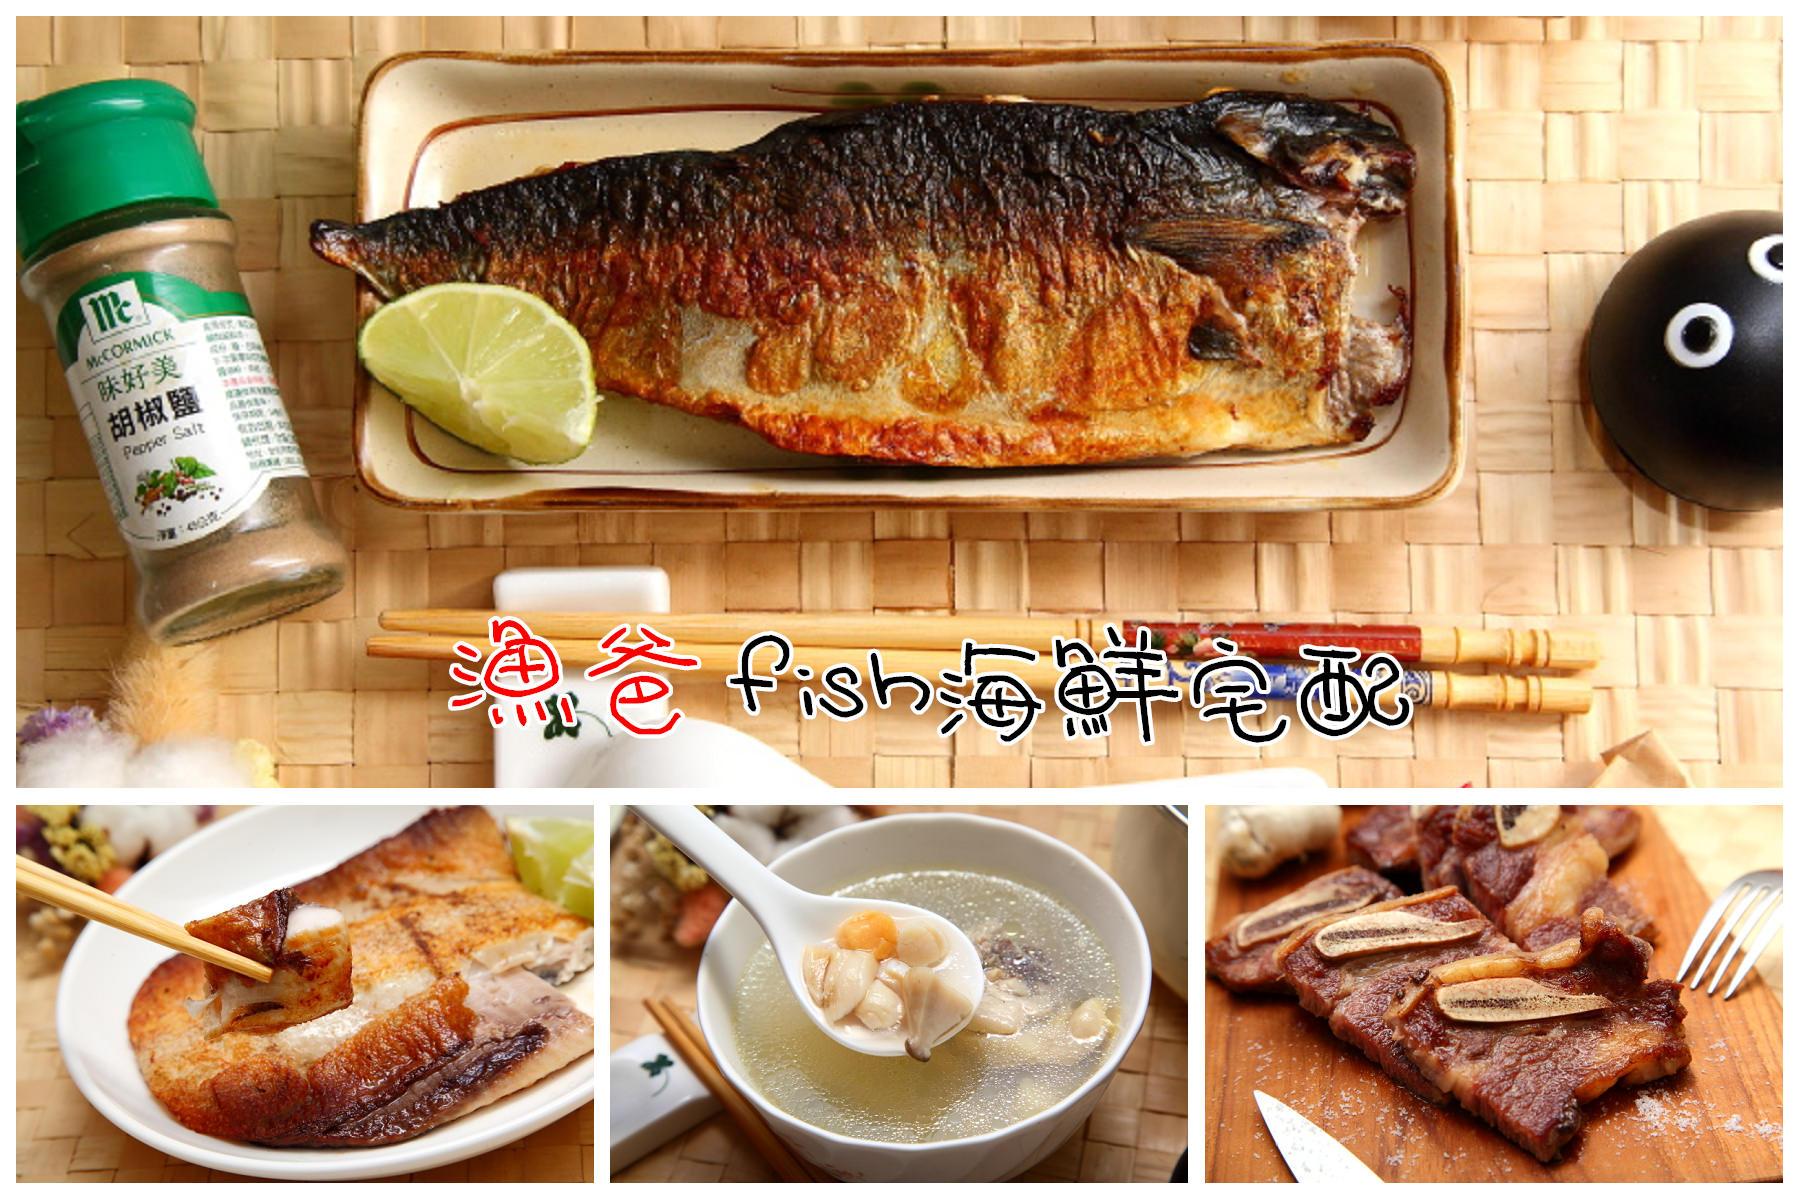 [料理小廚]料理最繁瑣的事通通交給漁爸,美味料理好輕鬆!漁爸fish8海鮮宅配